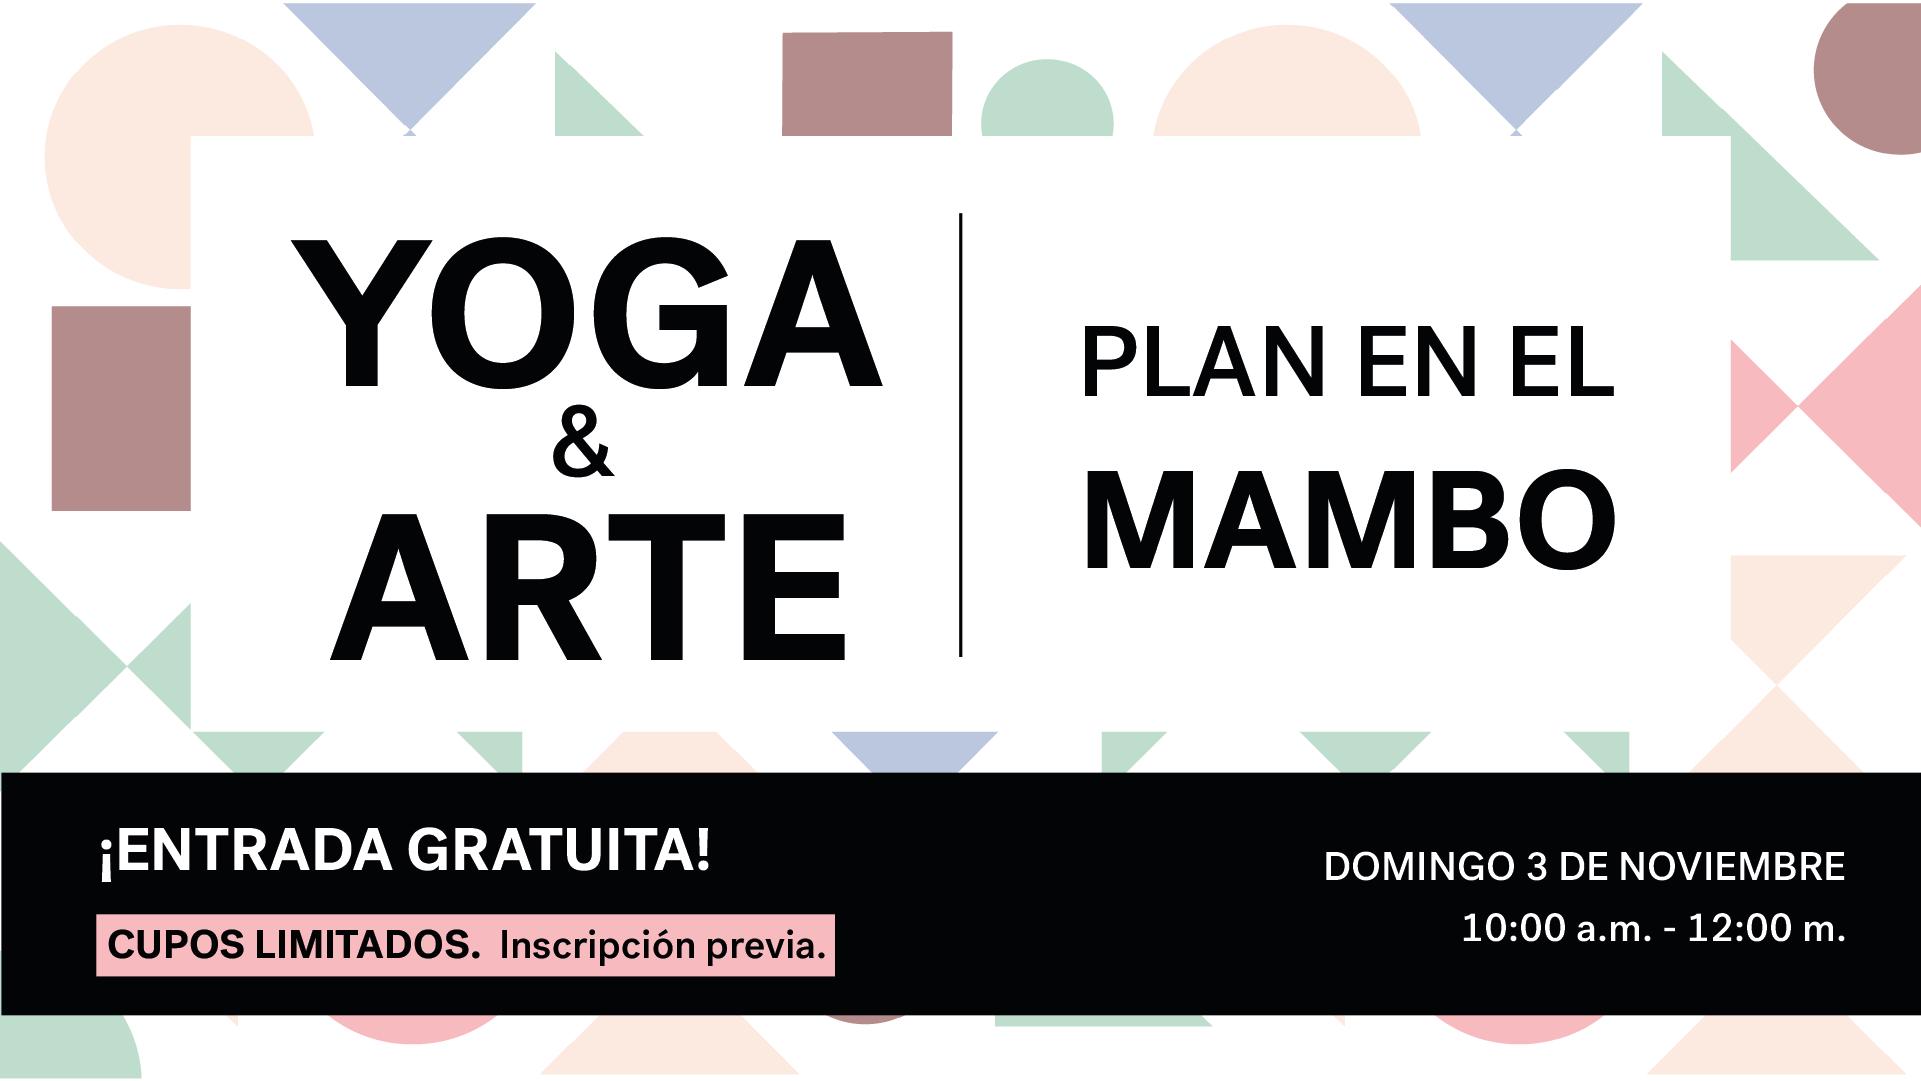 Yoga y arte en el MAMBO